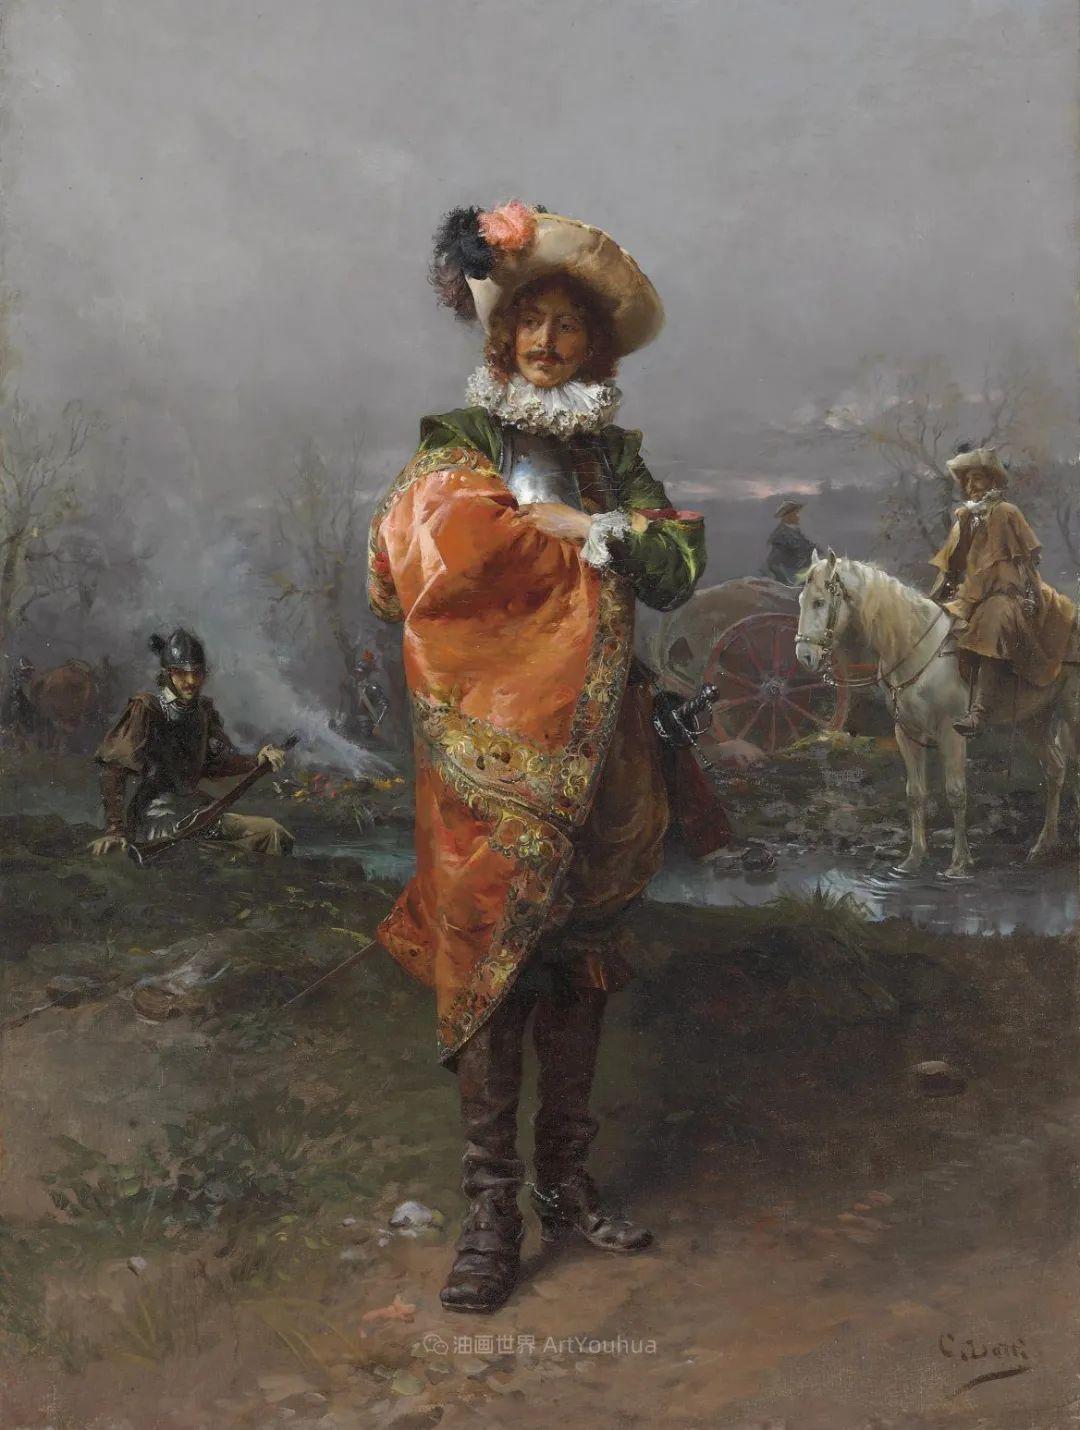 华丽的服饰,精美的人物,田园牧歌式的情感插图149